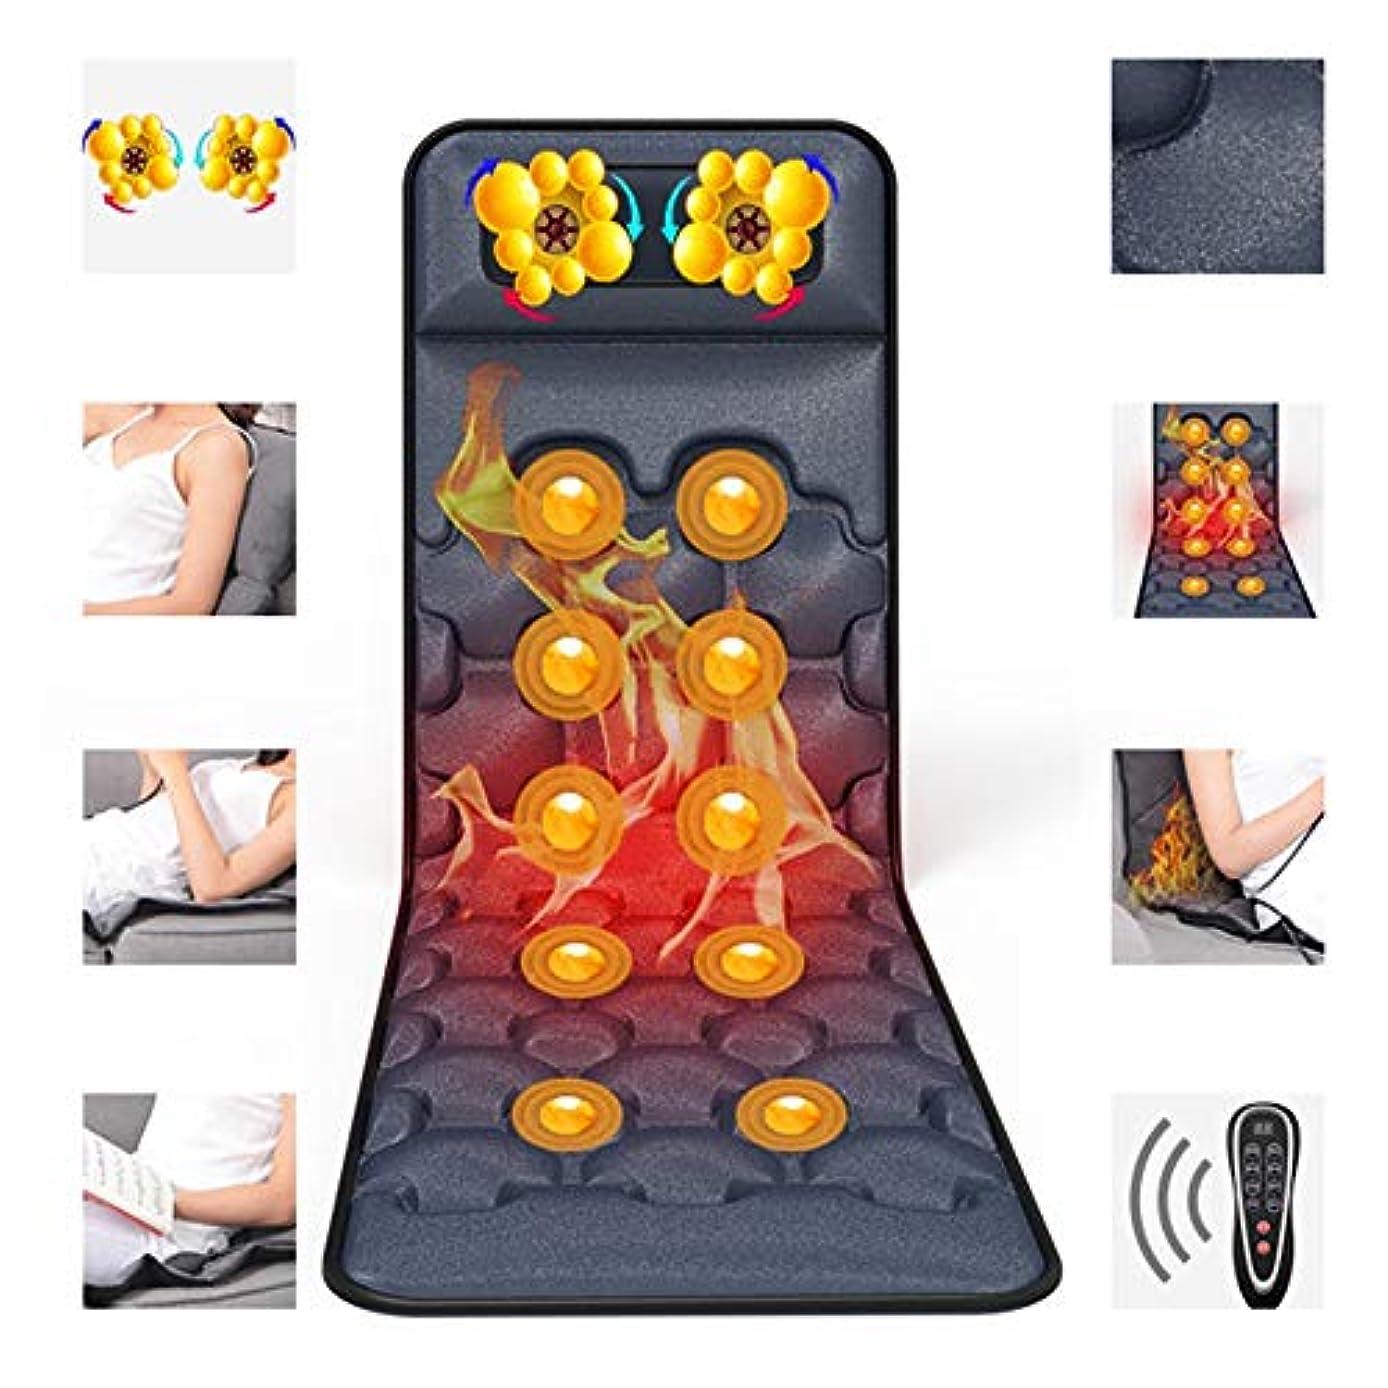 廃棄する症候群薄いアッパー/腰腰下肢の痛みを軽減するピンポイントマッサージ用パッドのマッサージマットマットレス多機能暖房セラピーマッサージマッサージフルボディ、